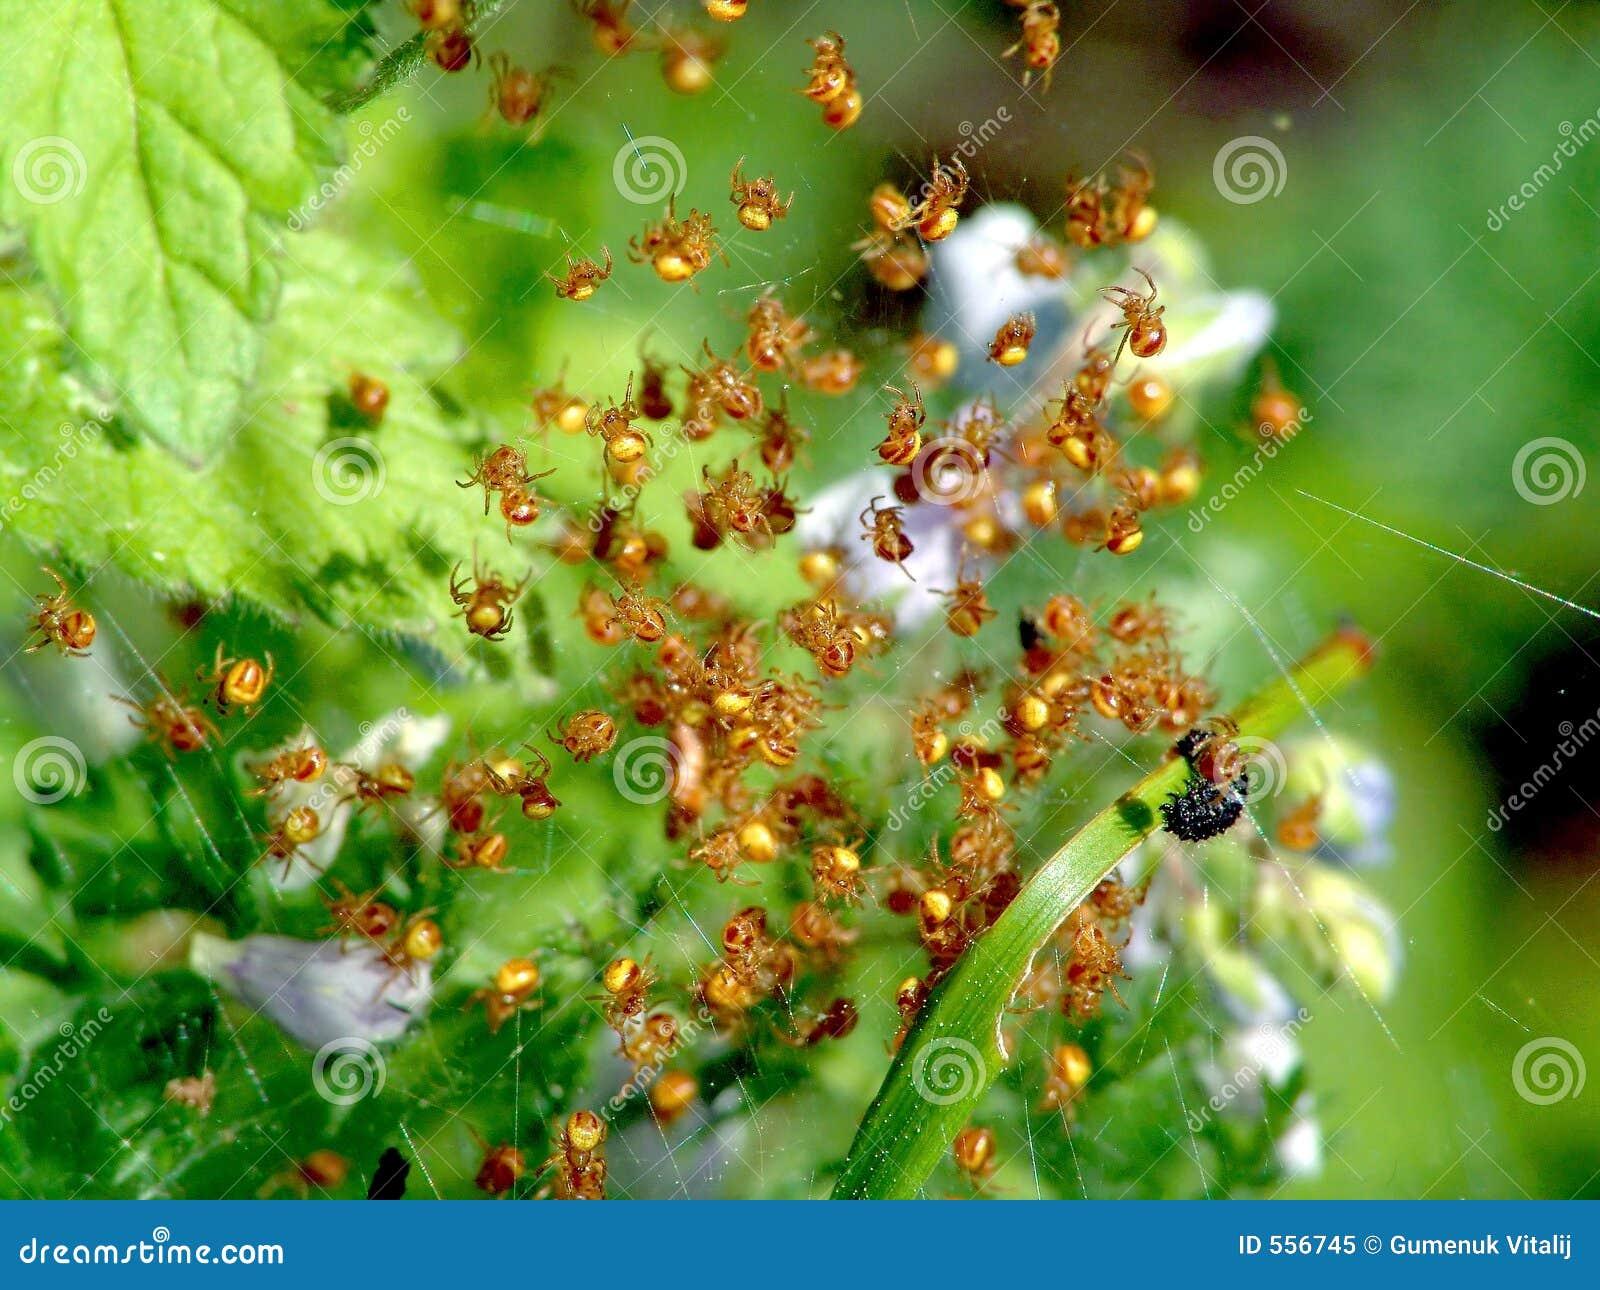 Junge Spinnen.